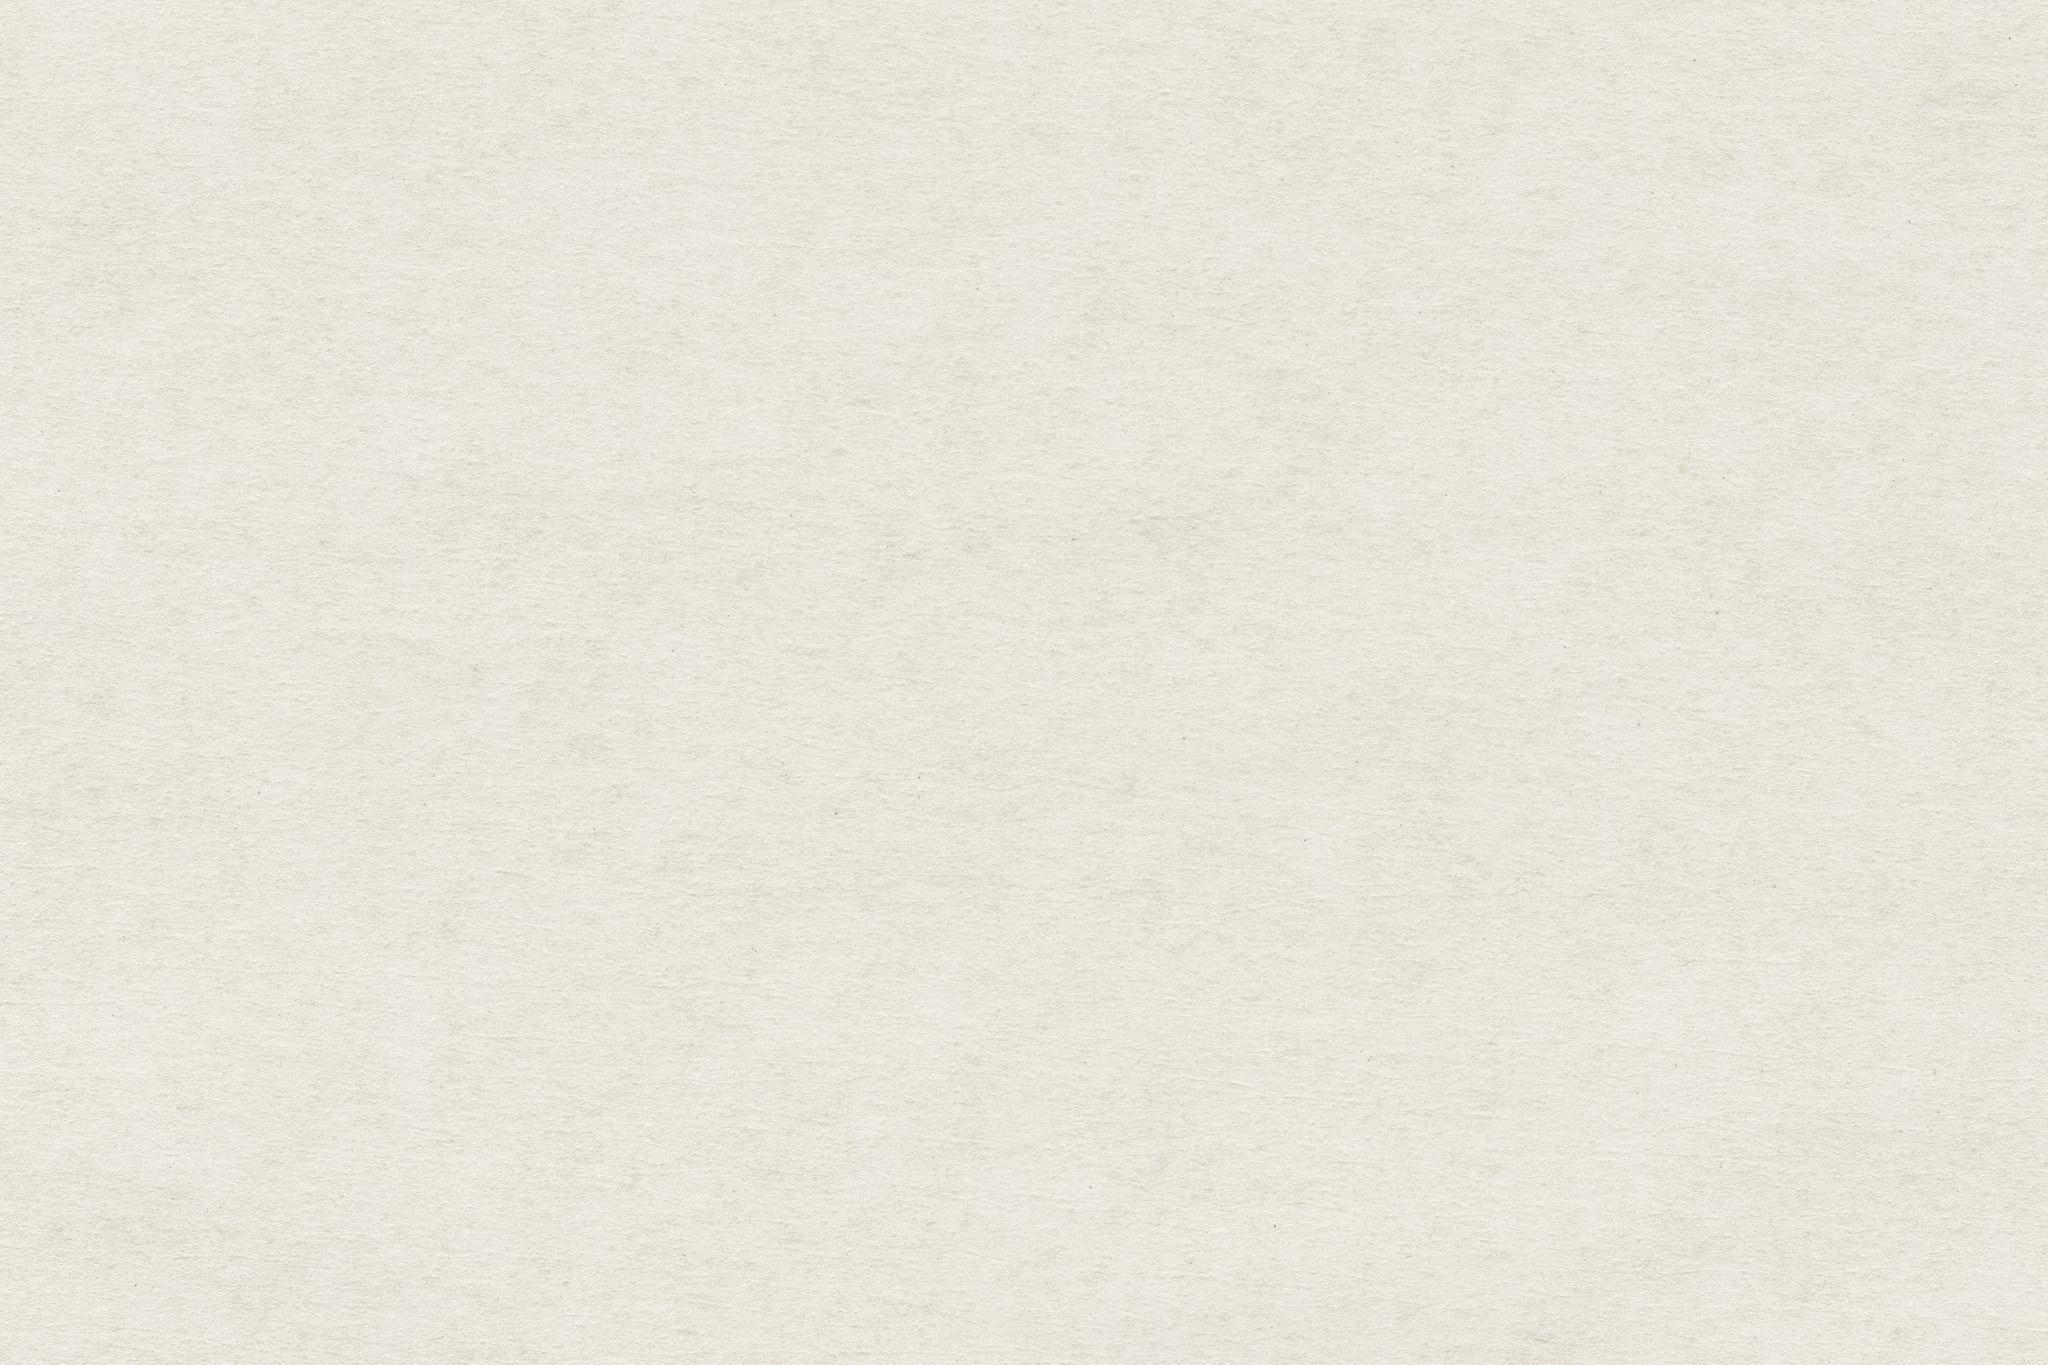 「粗い繊維が素材の白い紙」の画像を無料ダウンロード